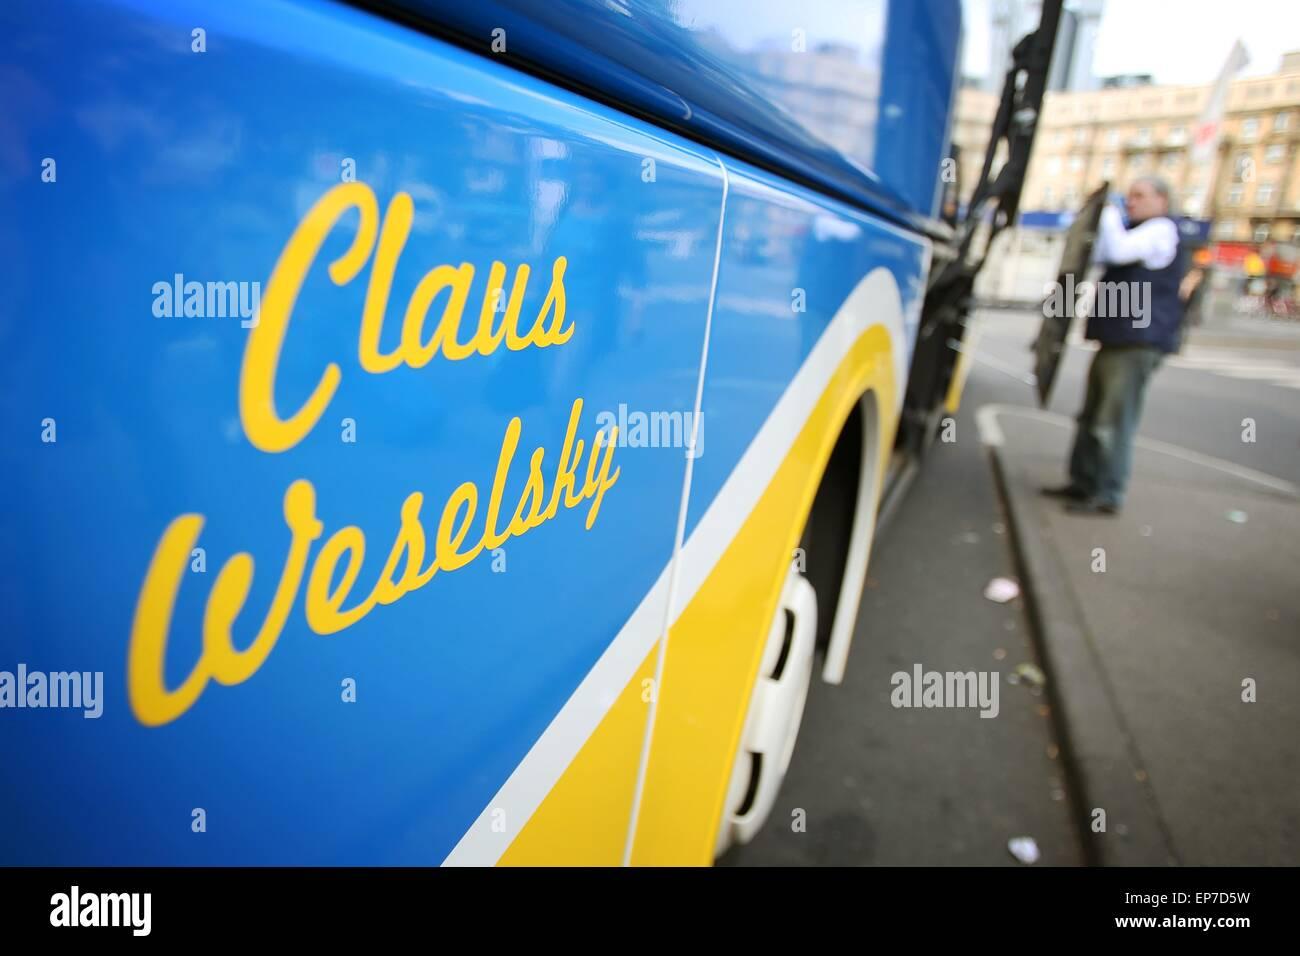 """'Claus Weselsky"""" est écrit sur un bus longue distance de la """"einBus.de' entreprise de bus en face de la gare principale Banque D'Images"""